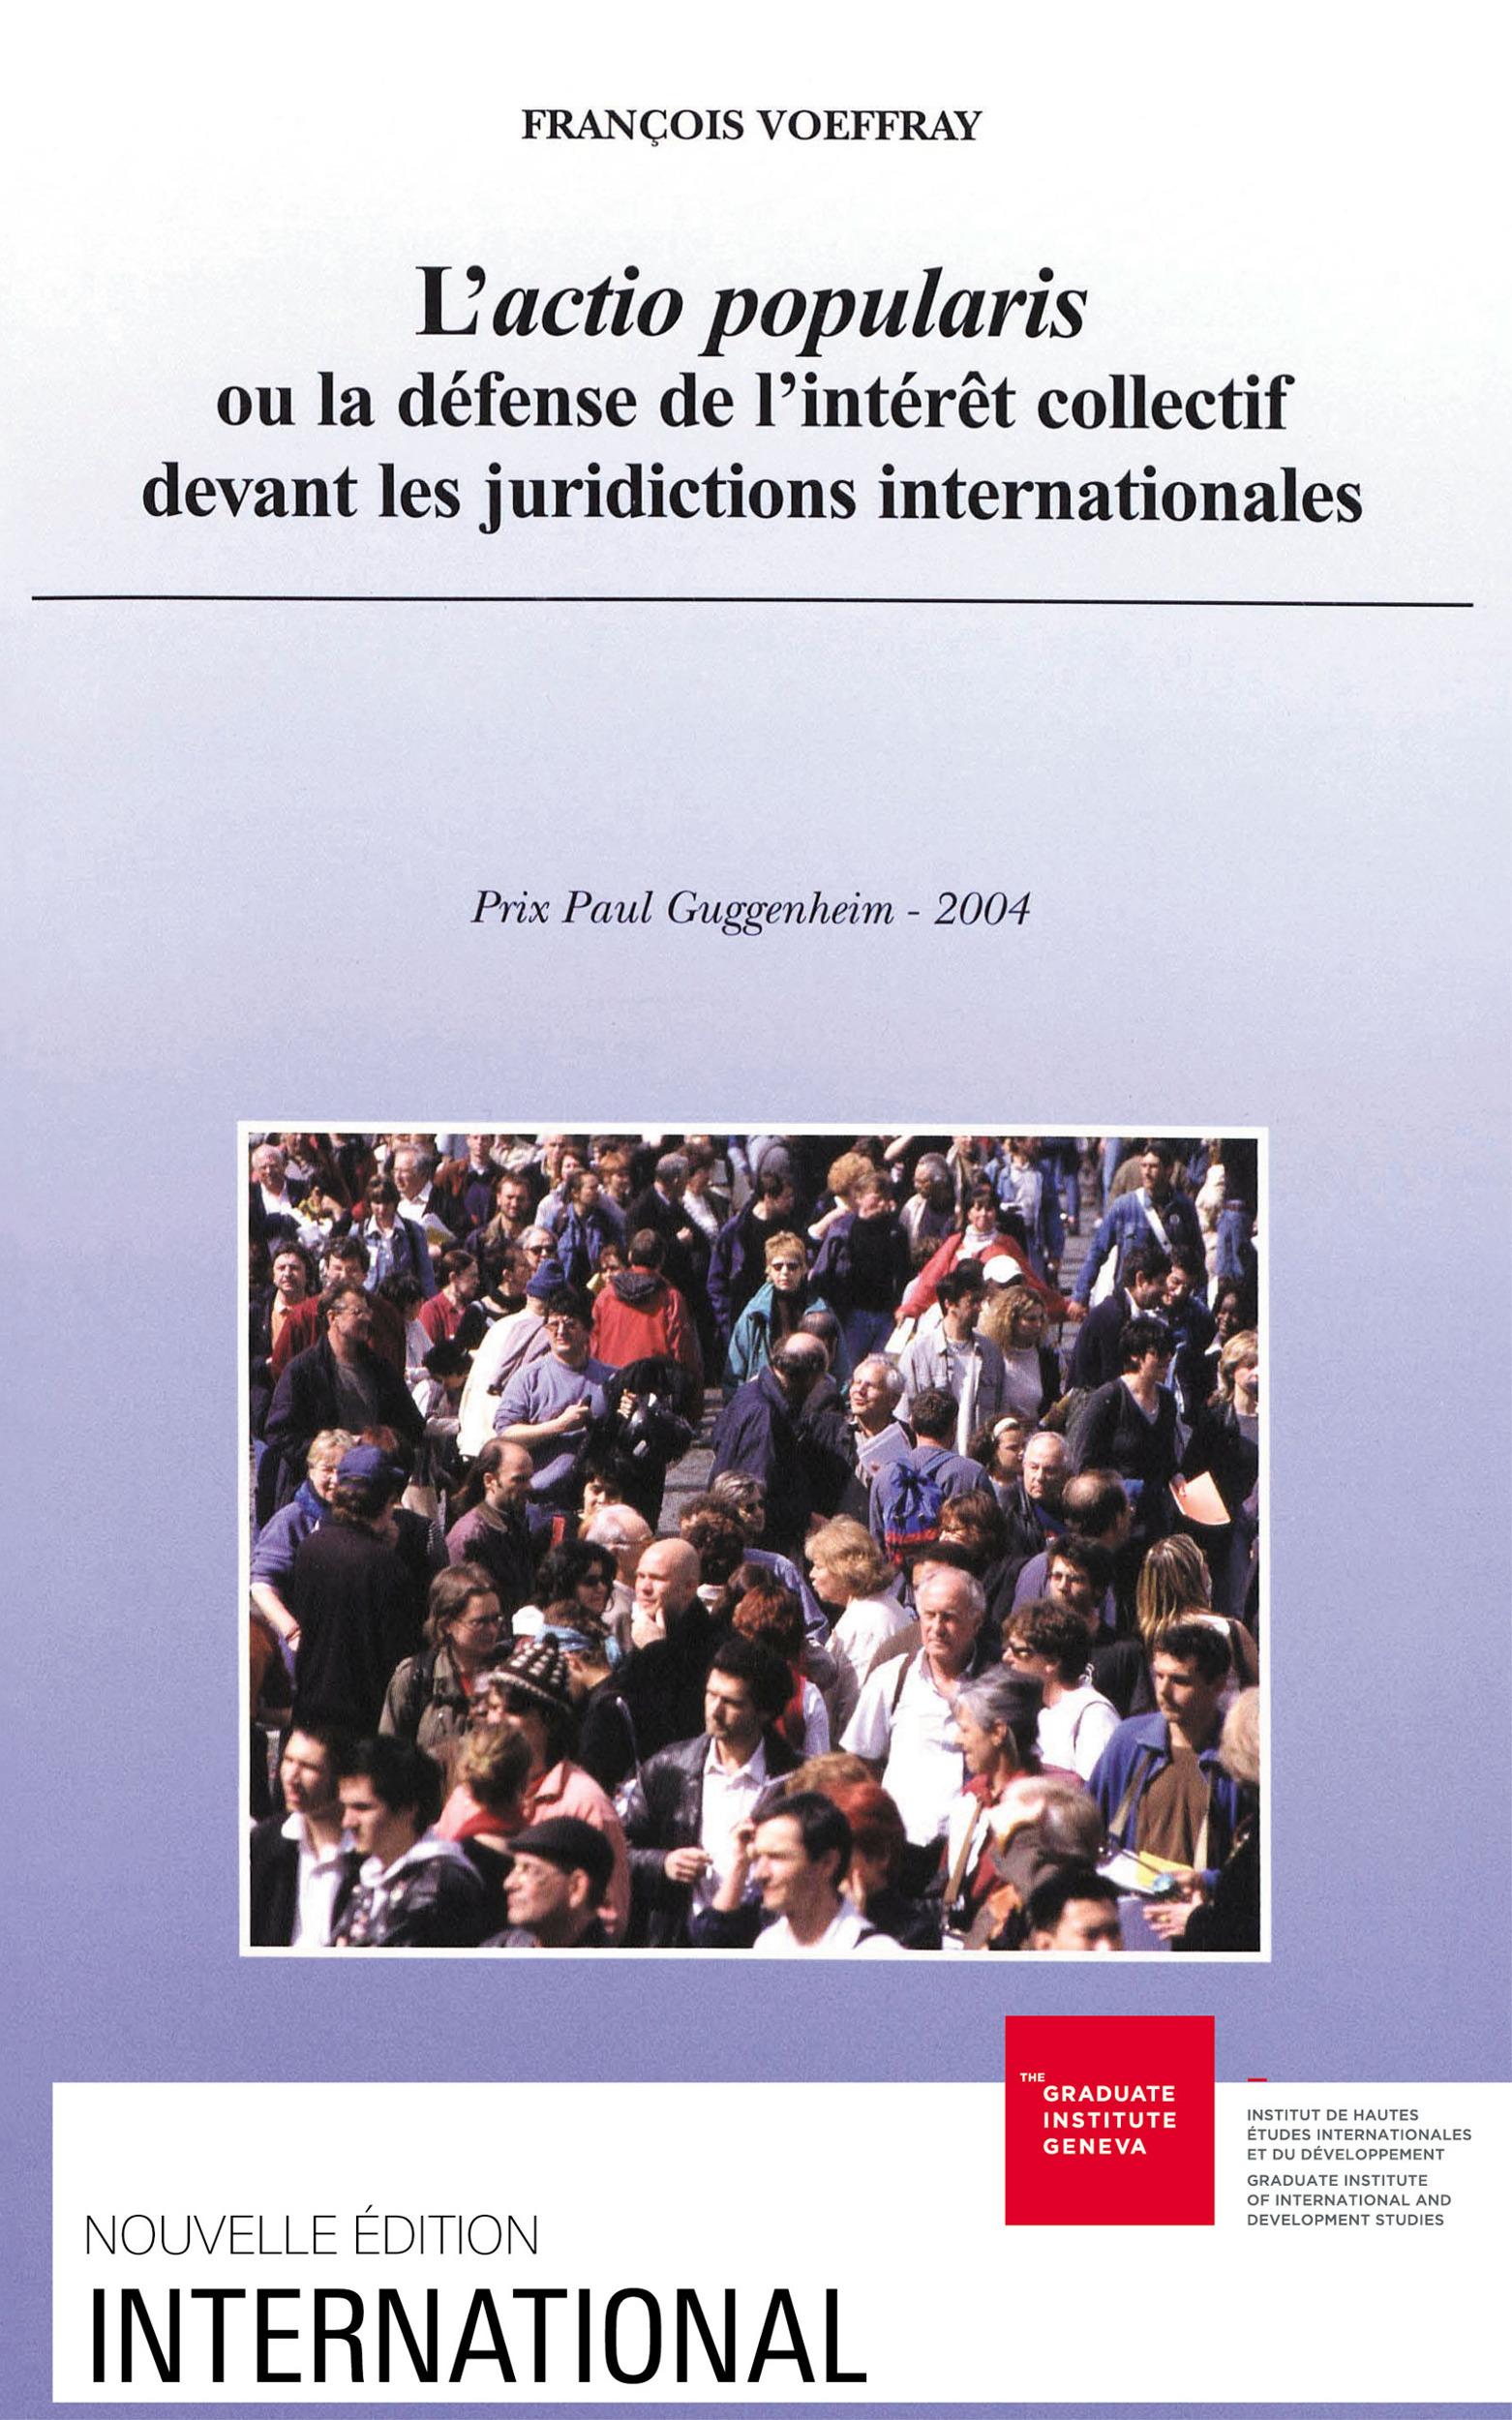 L'actio popularis ou la defense de l'interet collectif devant les jur idictions internationales